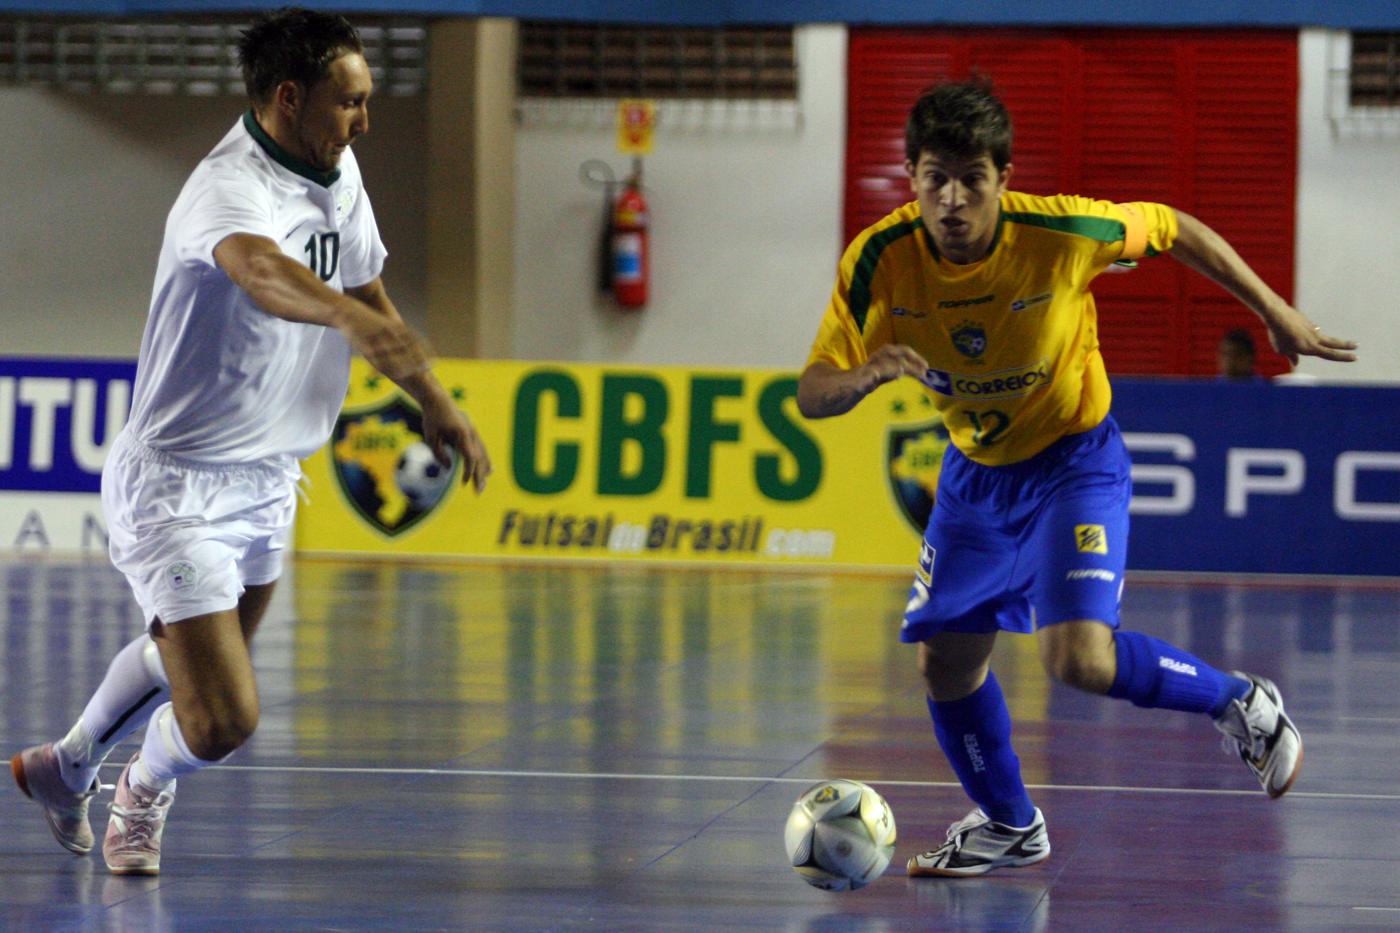 Jogadores da seleção disputam campeonato de futsal em Dracena - Globo.com